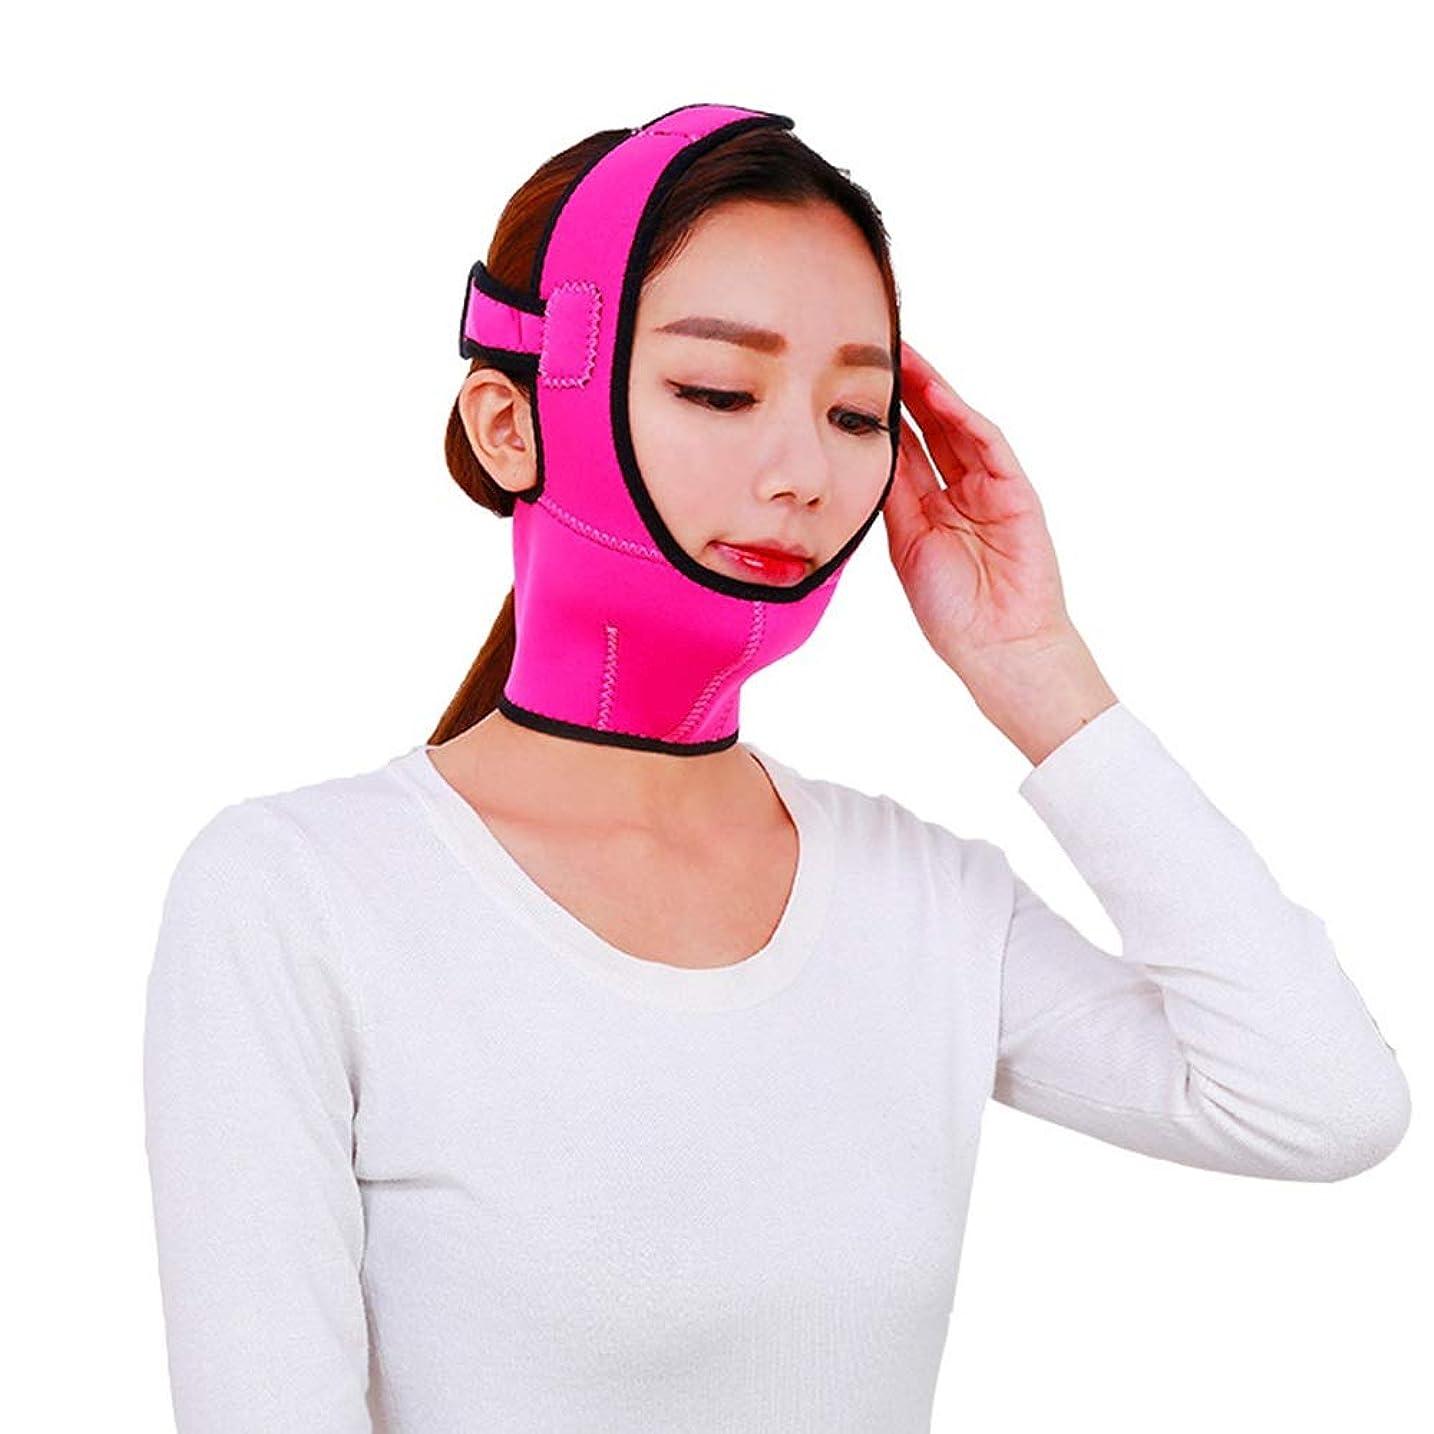 スイッチ有力者区別する顔を持ち上げるベルト通気性の顔面リフティング包帯ダブルチン顔面リフティングマスクを締めるV顔面顔面リフレッシングツール 美しさ